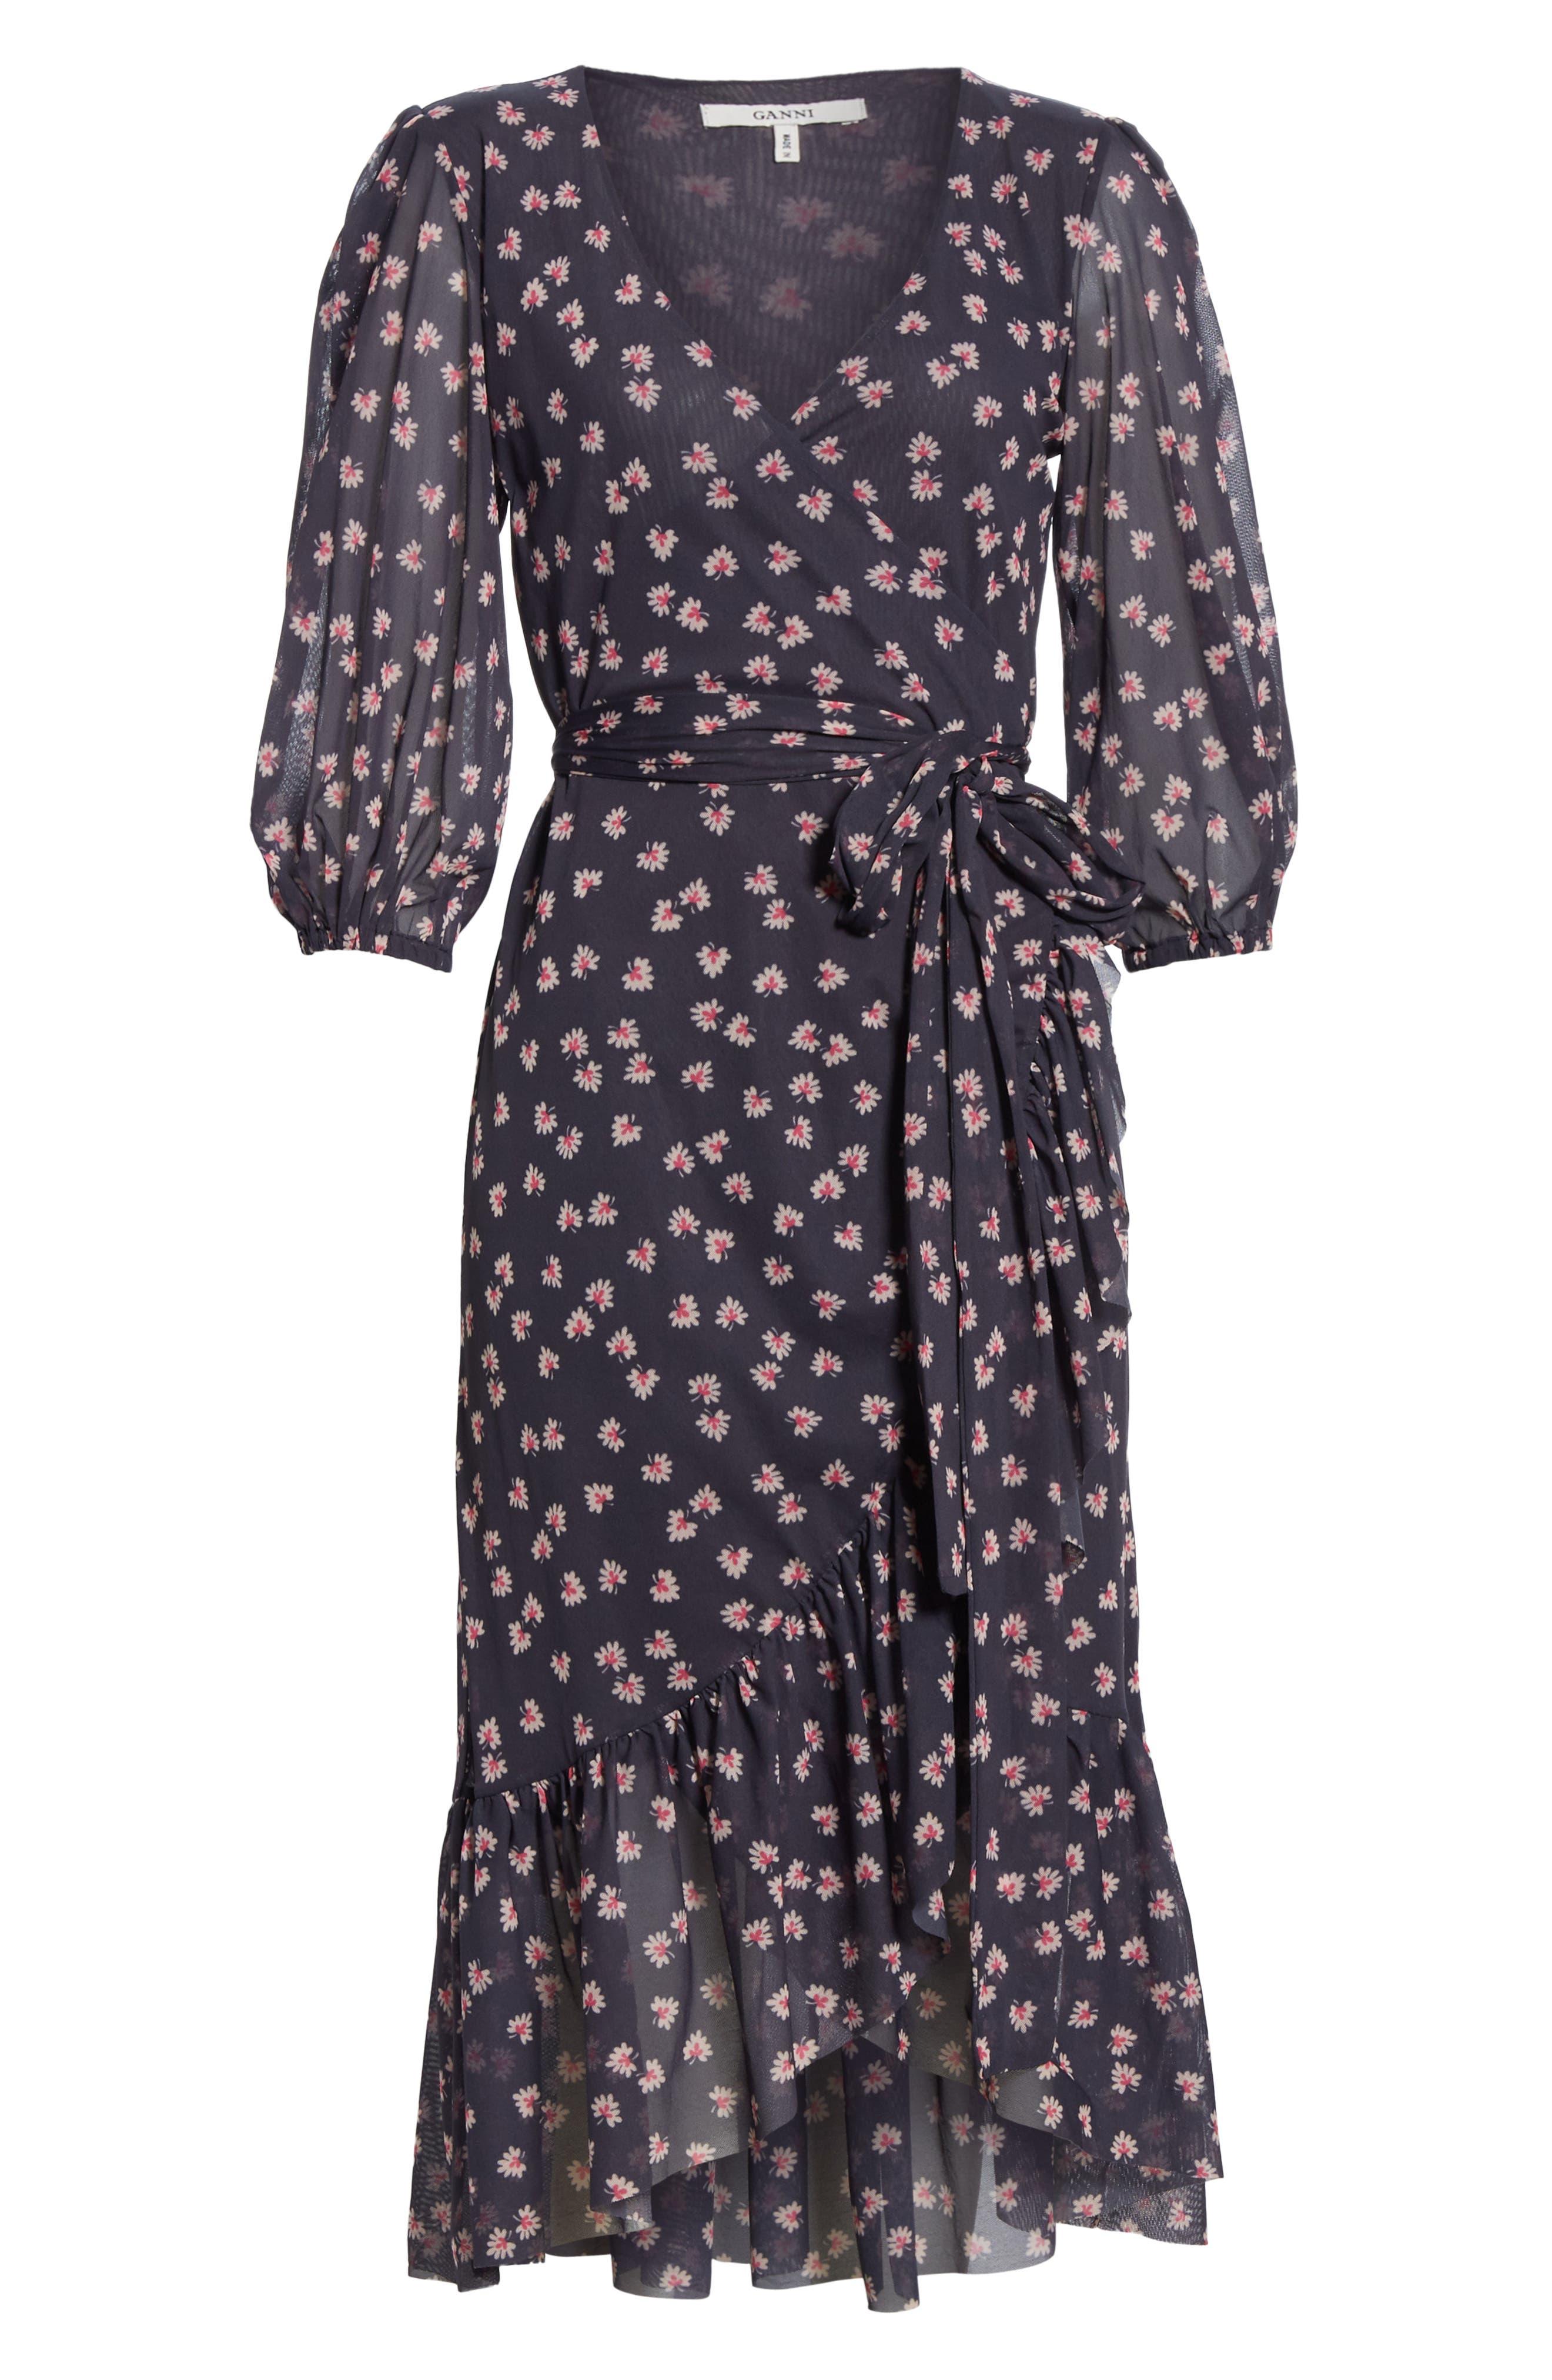 GANNI,                             Floral Print Wrap Dress,                             Alternate thumbnail 6, color,                             400